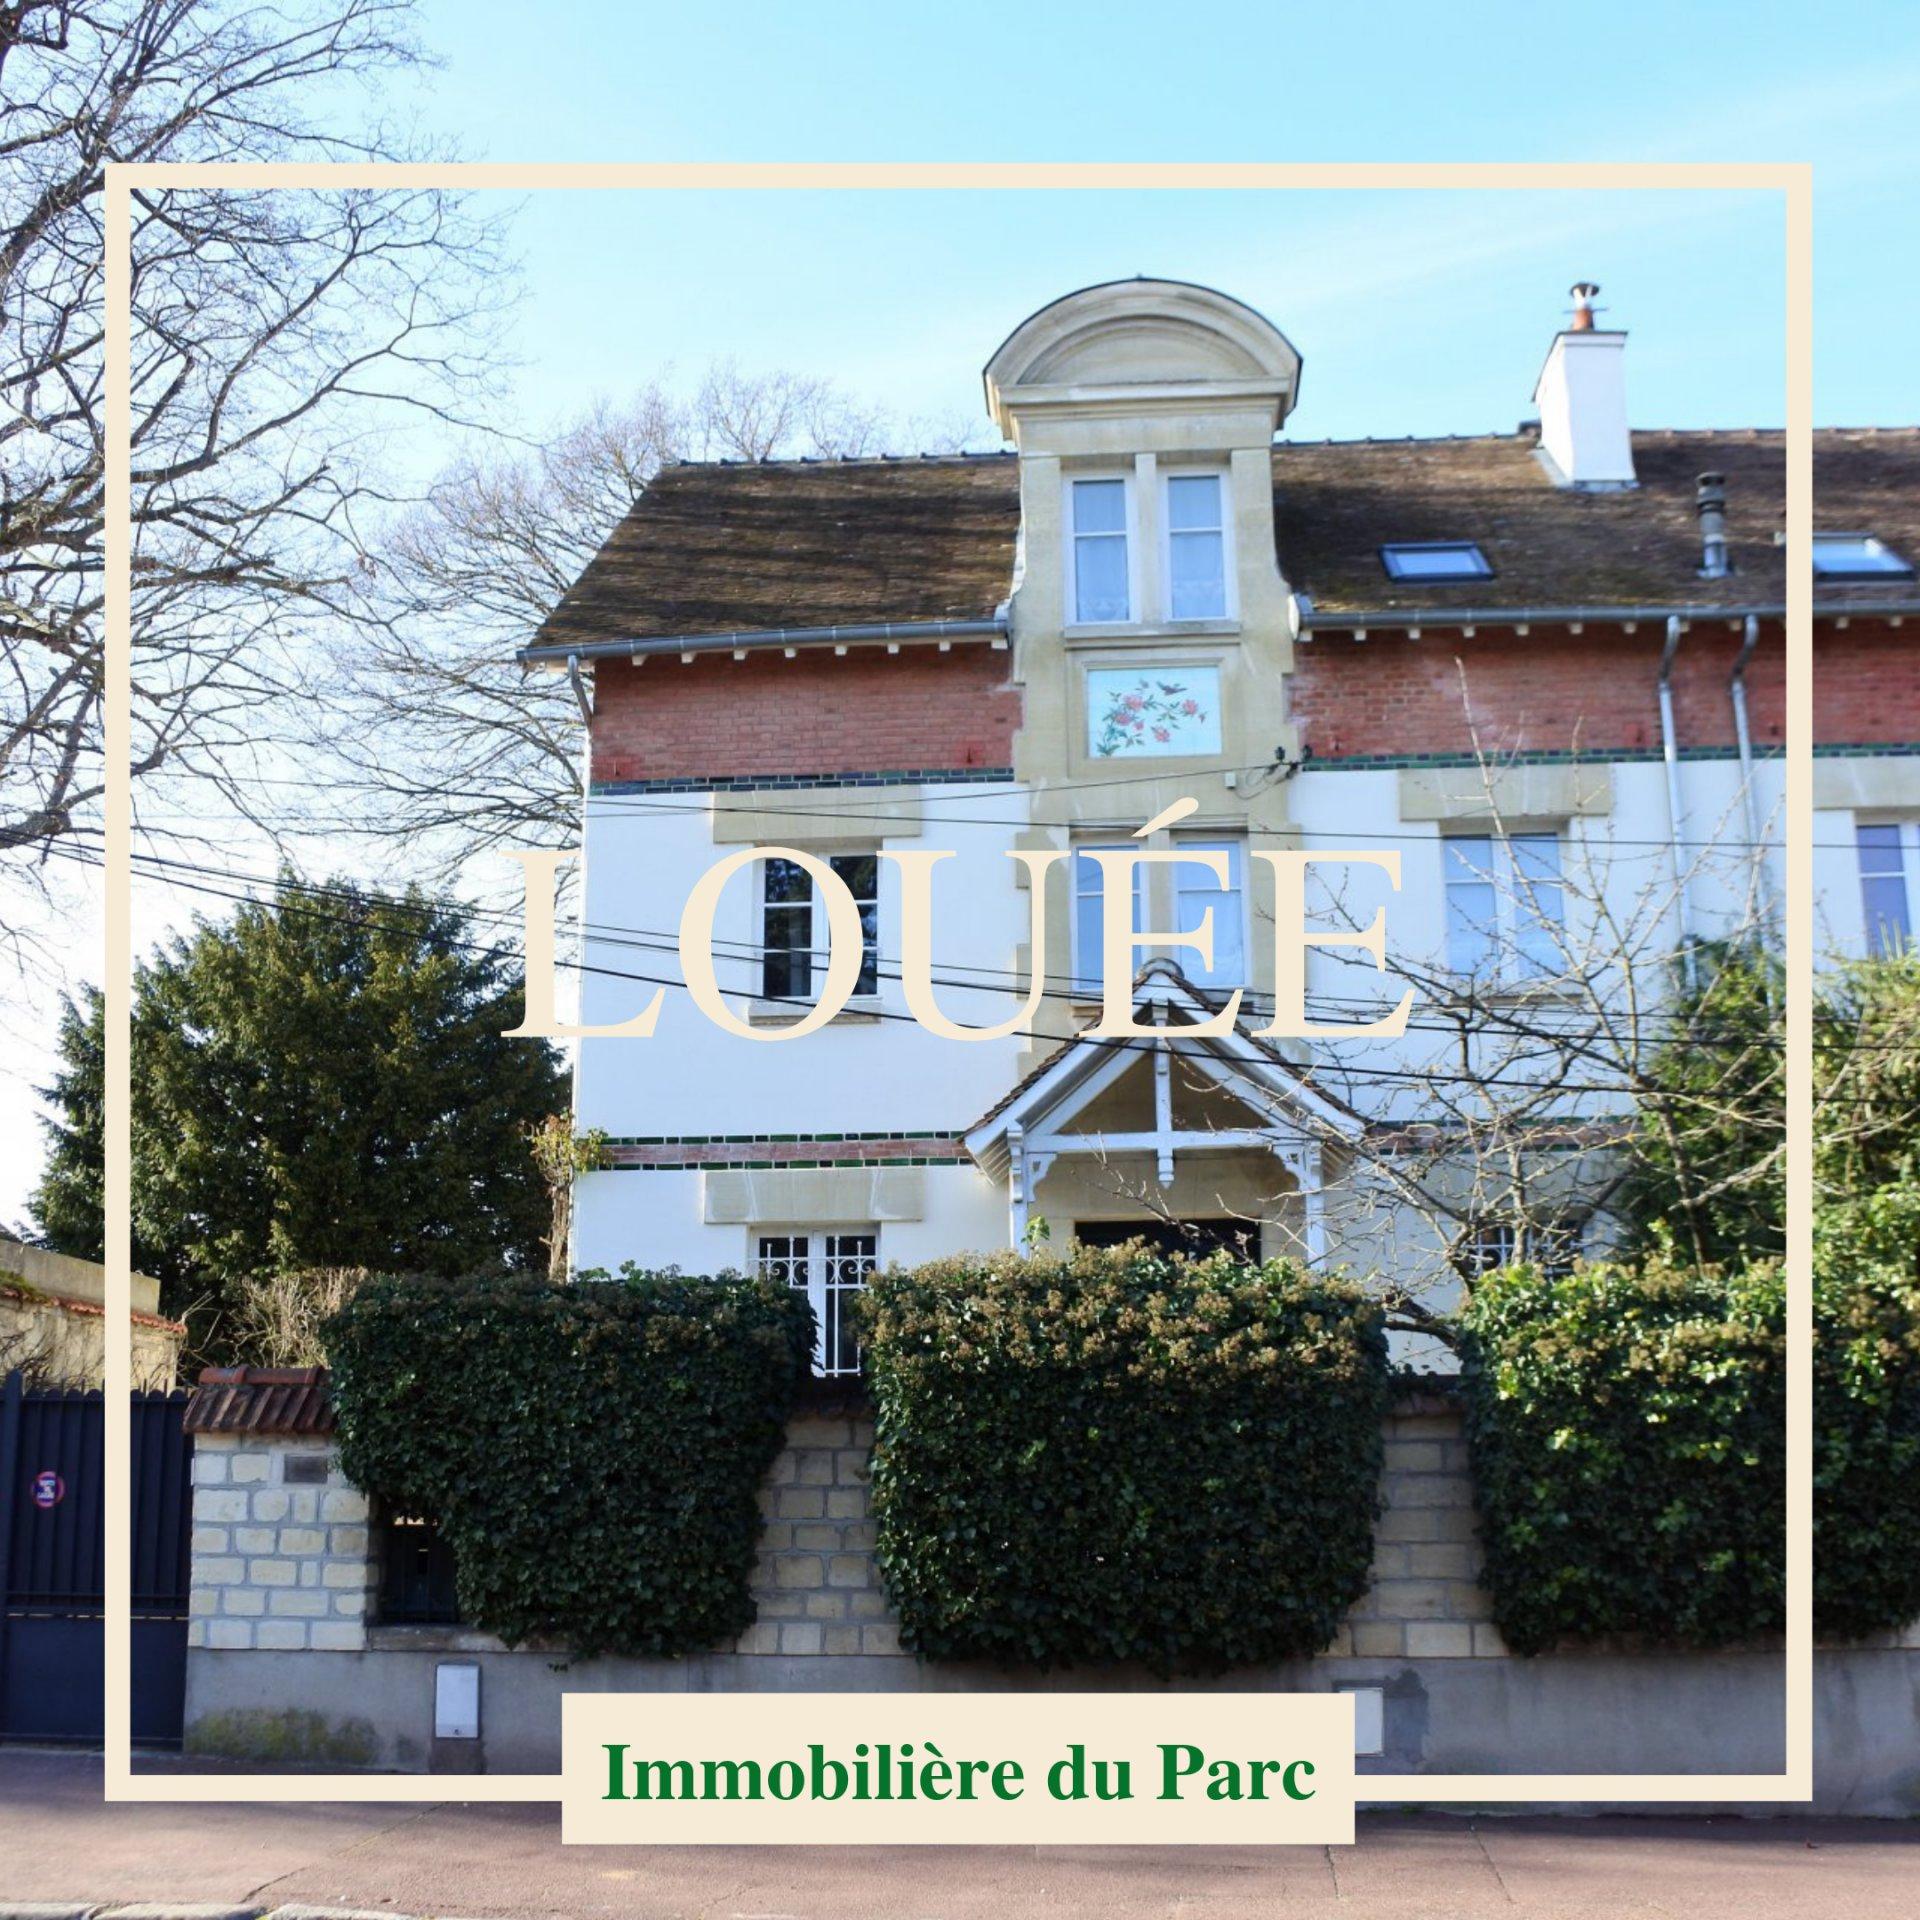 Location Propriété - Saint-Germain-en-Laye